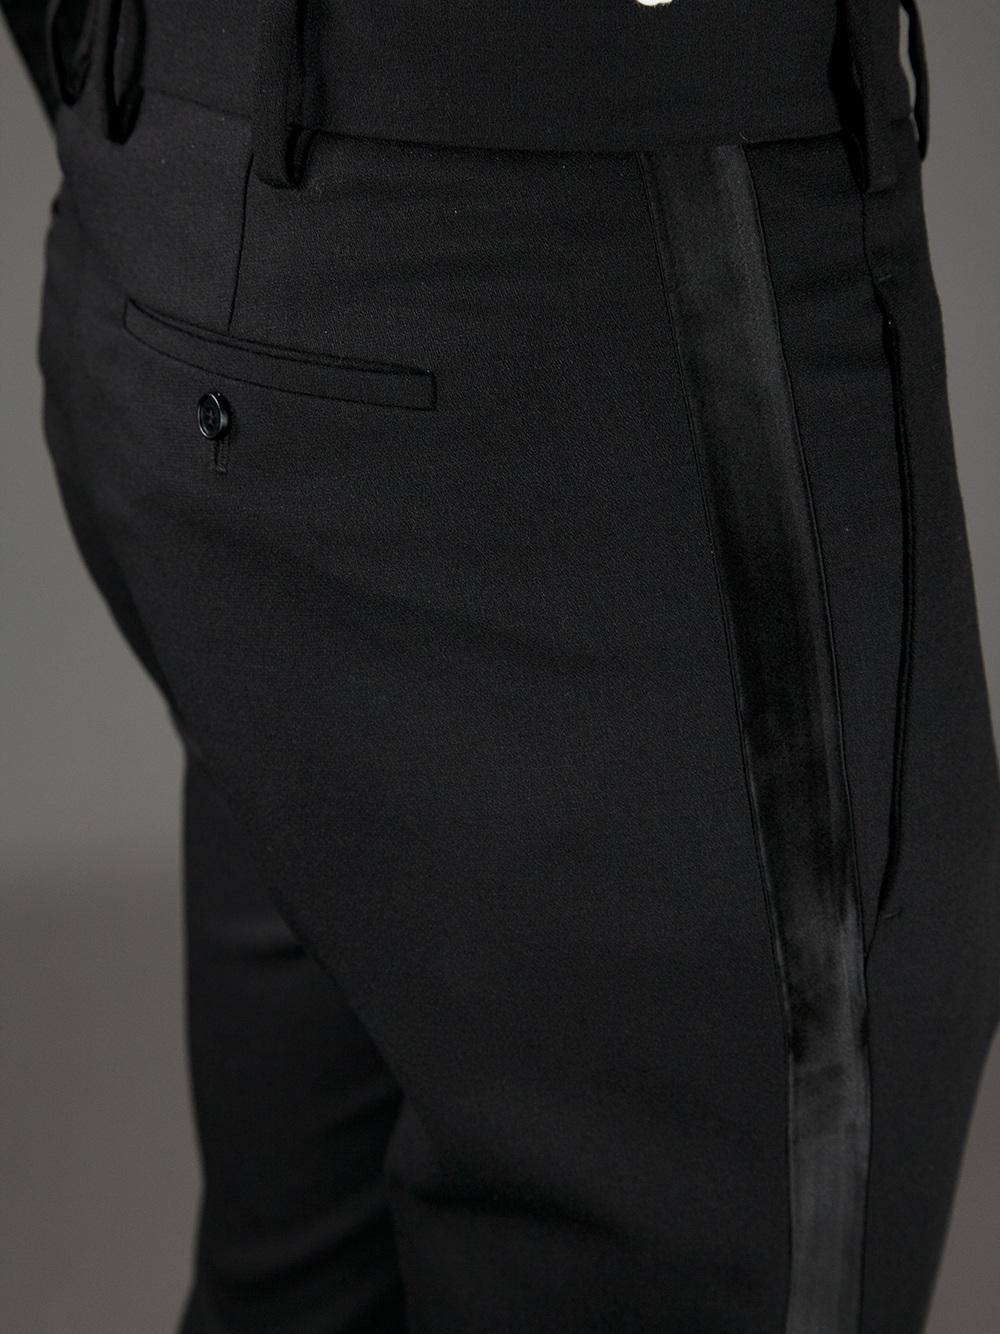 Neil barrett tuxedo stripe trouser in black for men lyst for Neil barrett tuxedo shirt